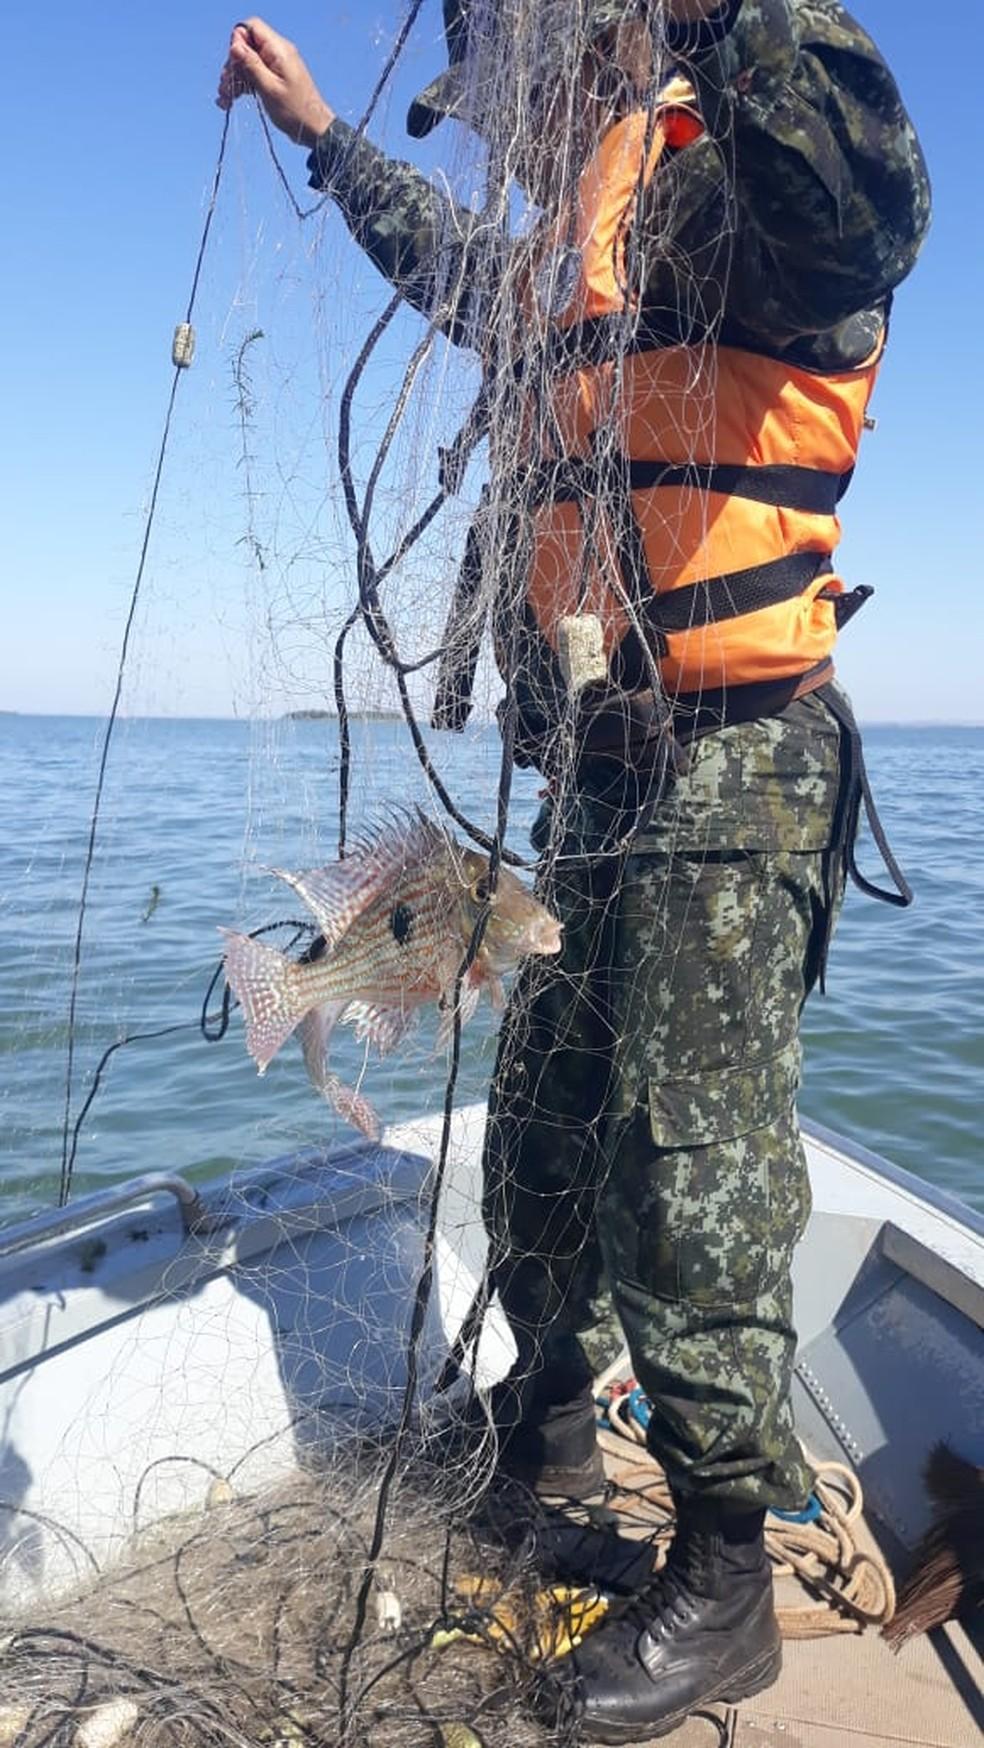 Nas redes de propriedade do infrator, a equipe encontrou peixes que ainda estavam vivos e foram devolvidos ao ambiente aquático. — Foto: Polícia Ambiental